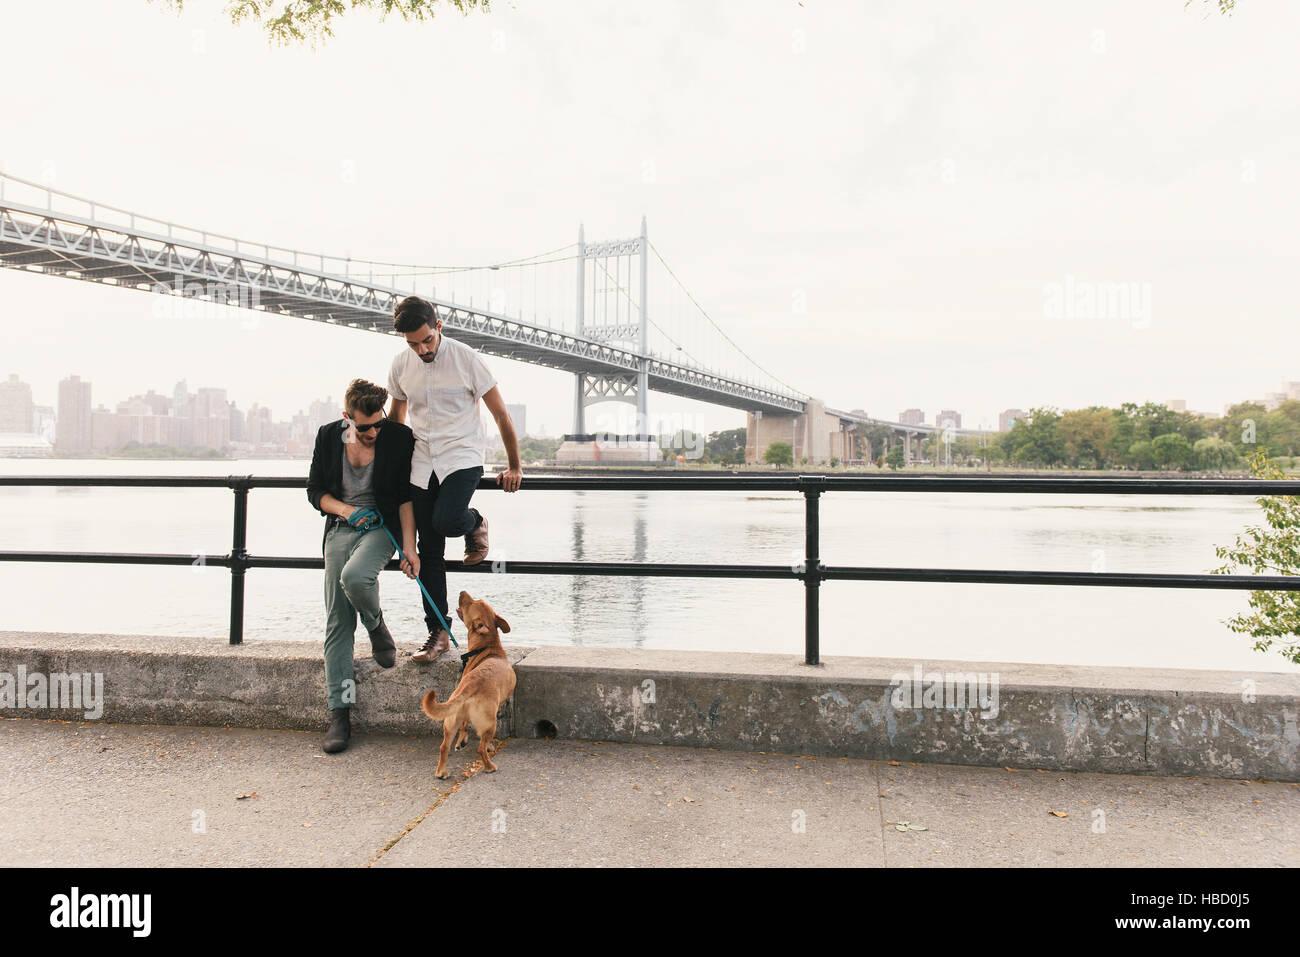 Junge männliche paar am Flussufer mit Blick auf Hund, Astoria, New York, USA Stockbild